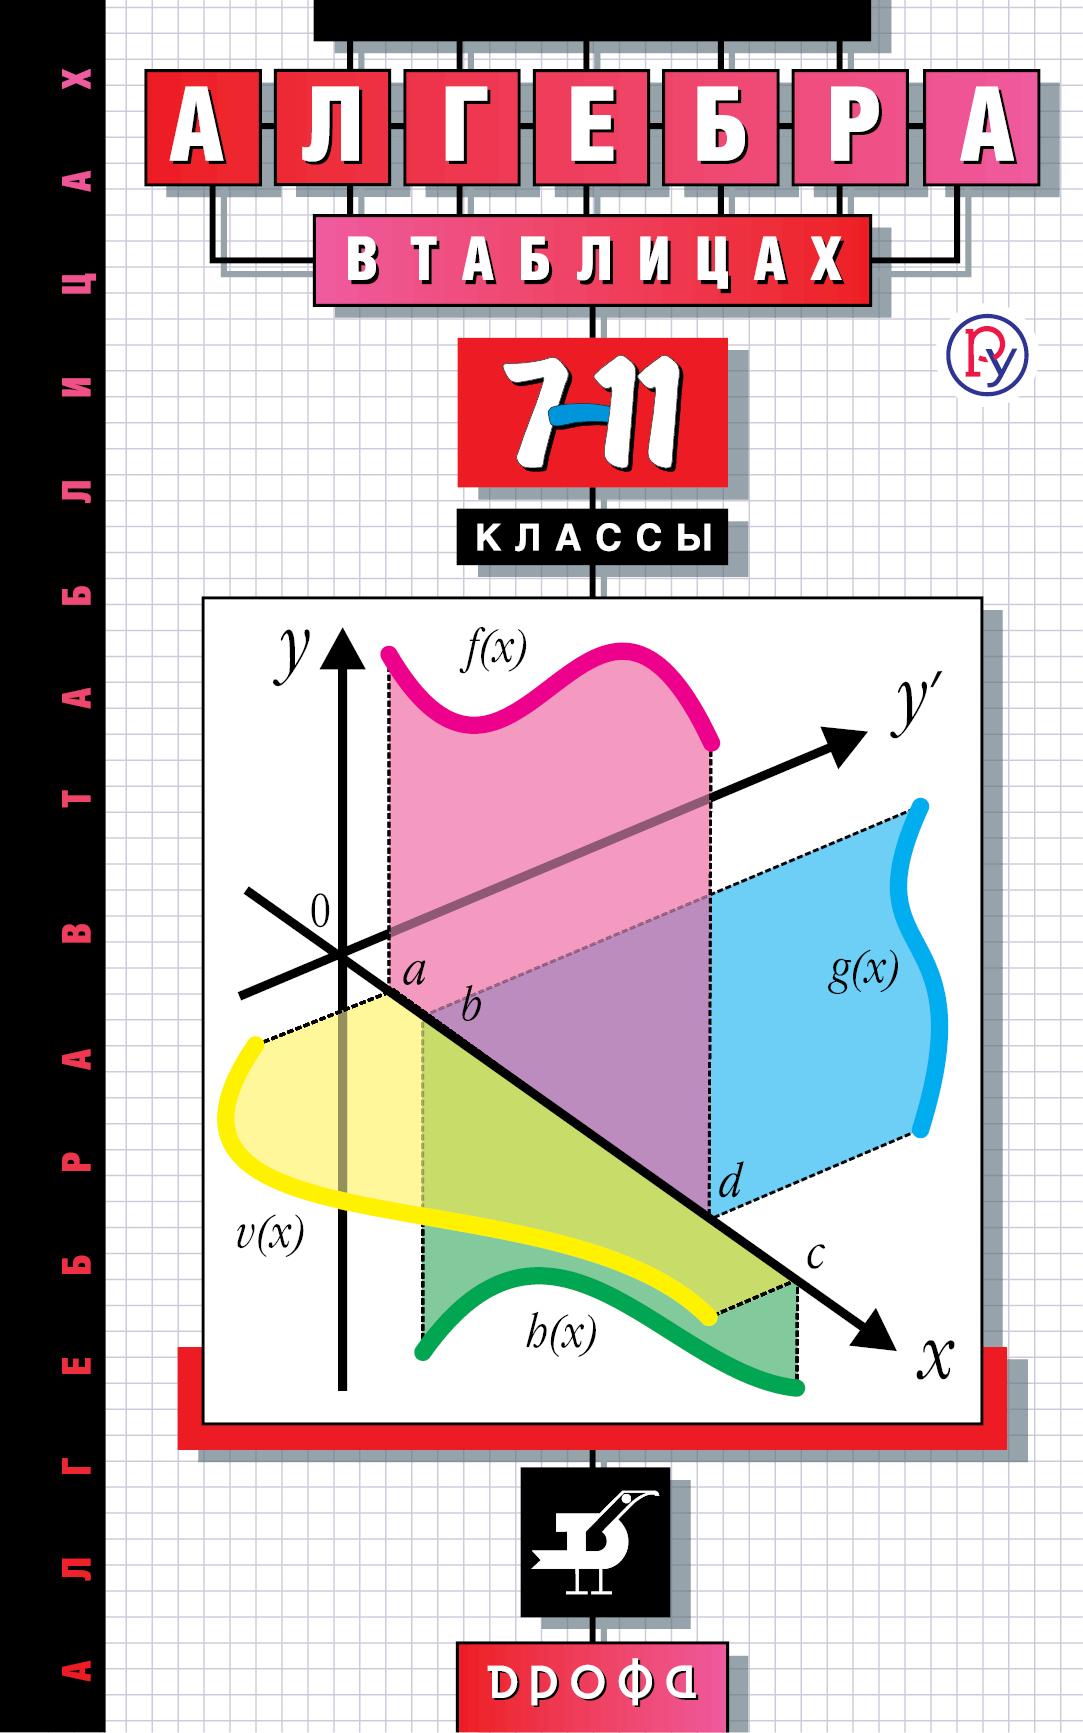 Алгебра в таблицах 7-11 класс справочное пособие (Звавич)